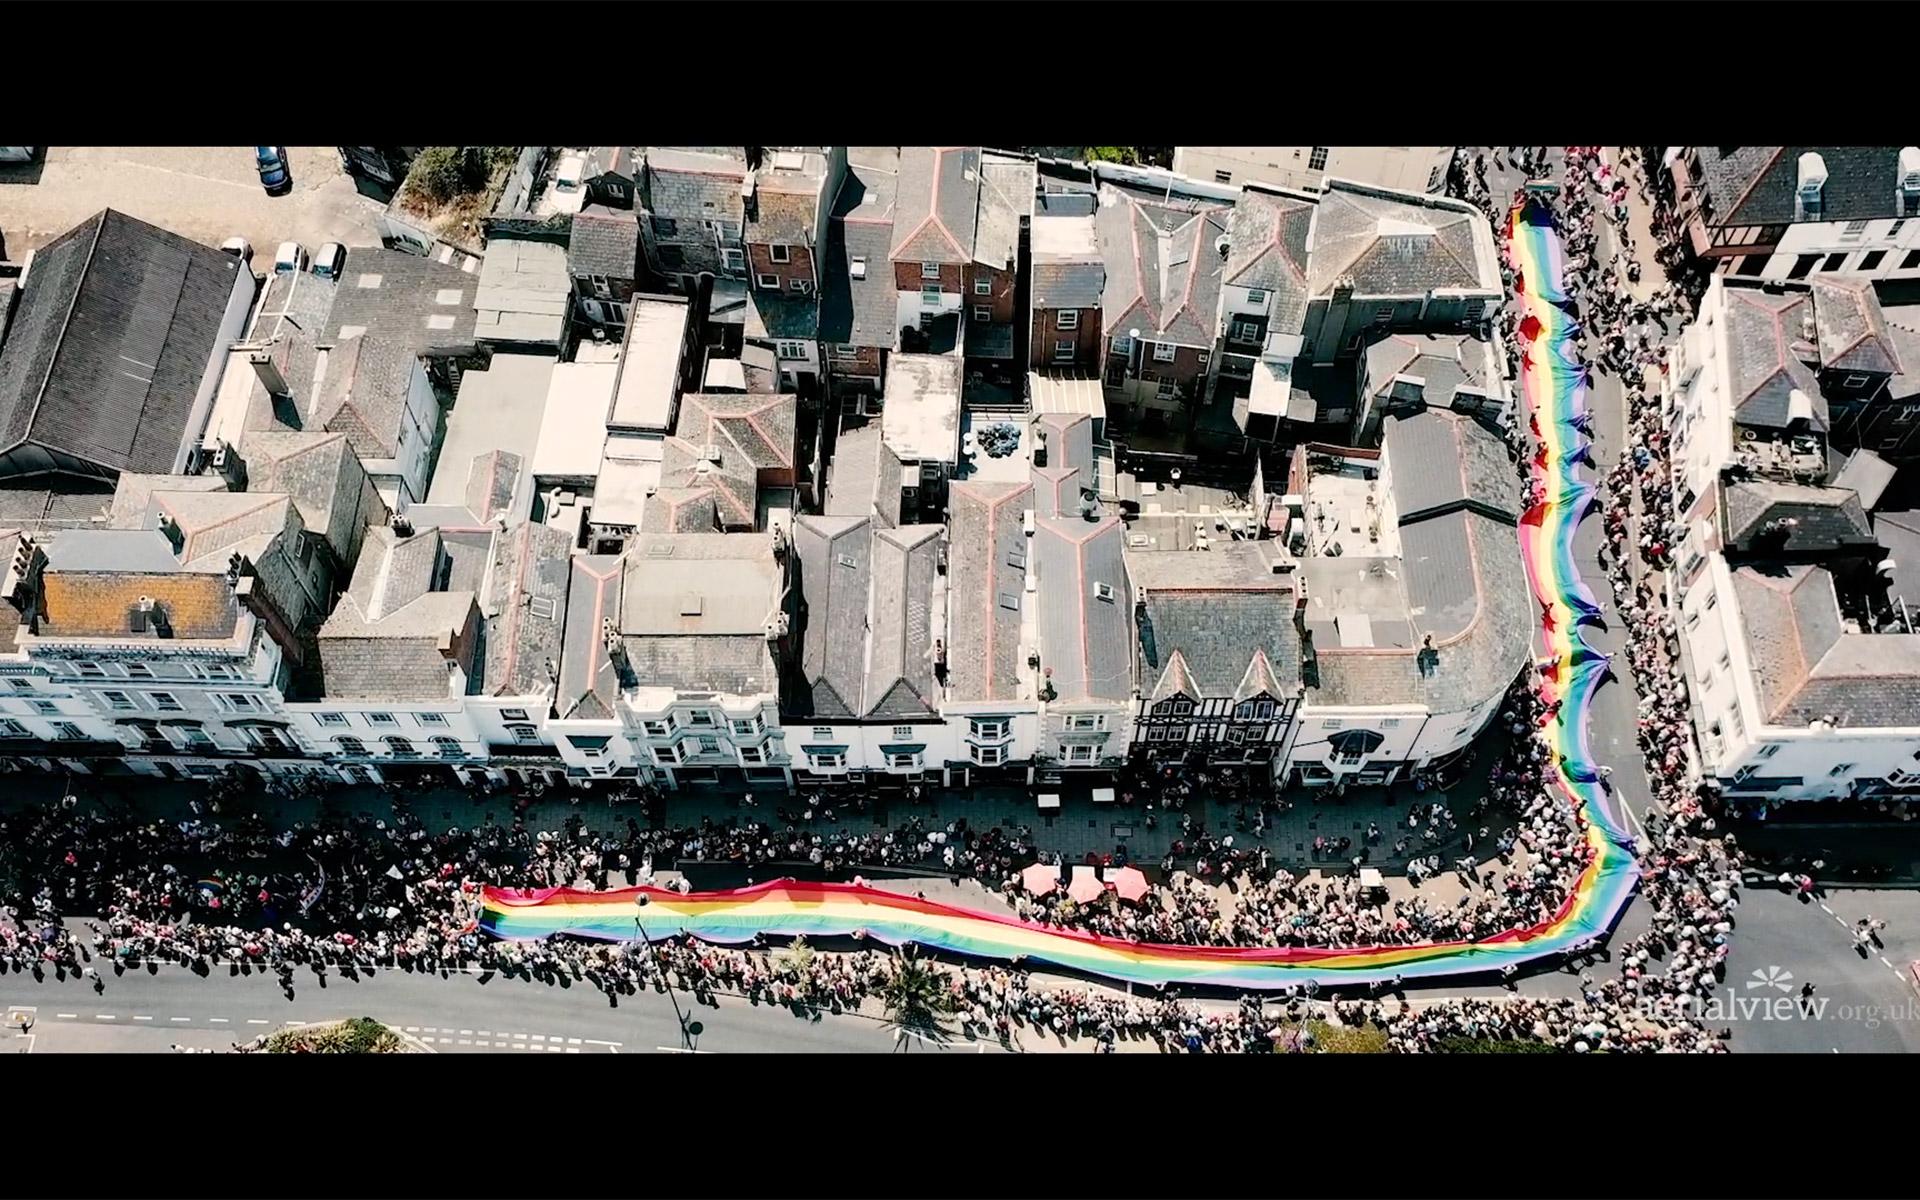 https://aerialview.info/wp-content/uploads/2021/02/prideFlag_1920x1200.jpg